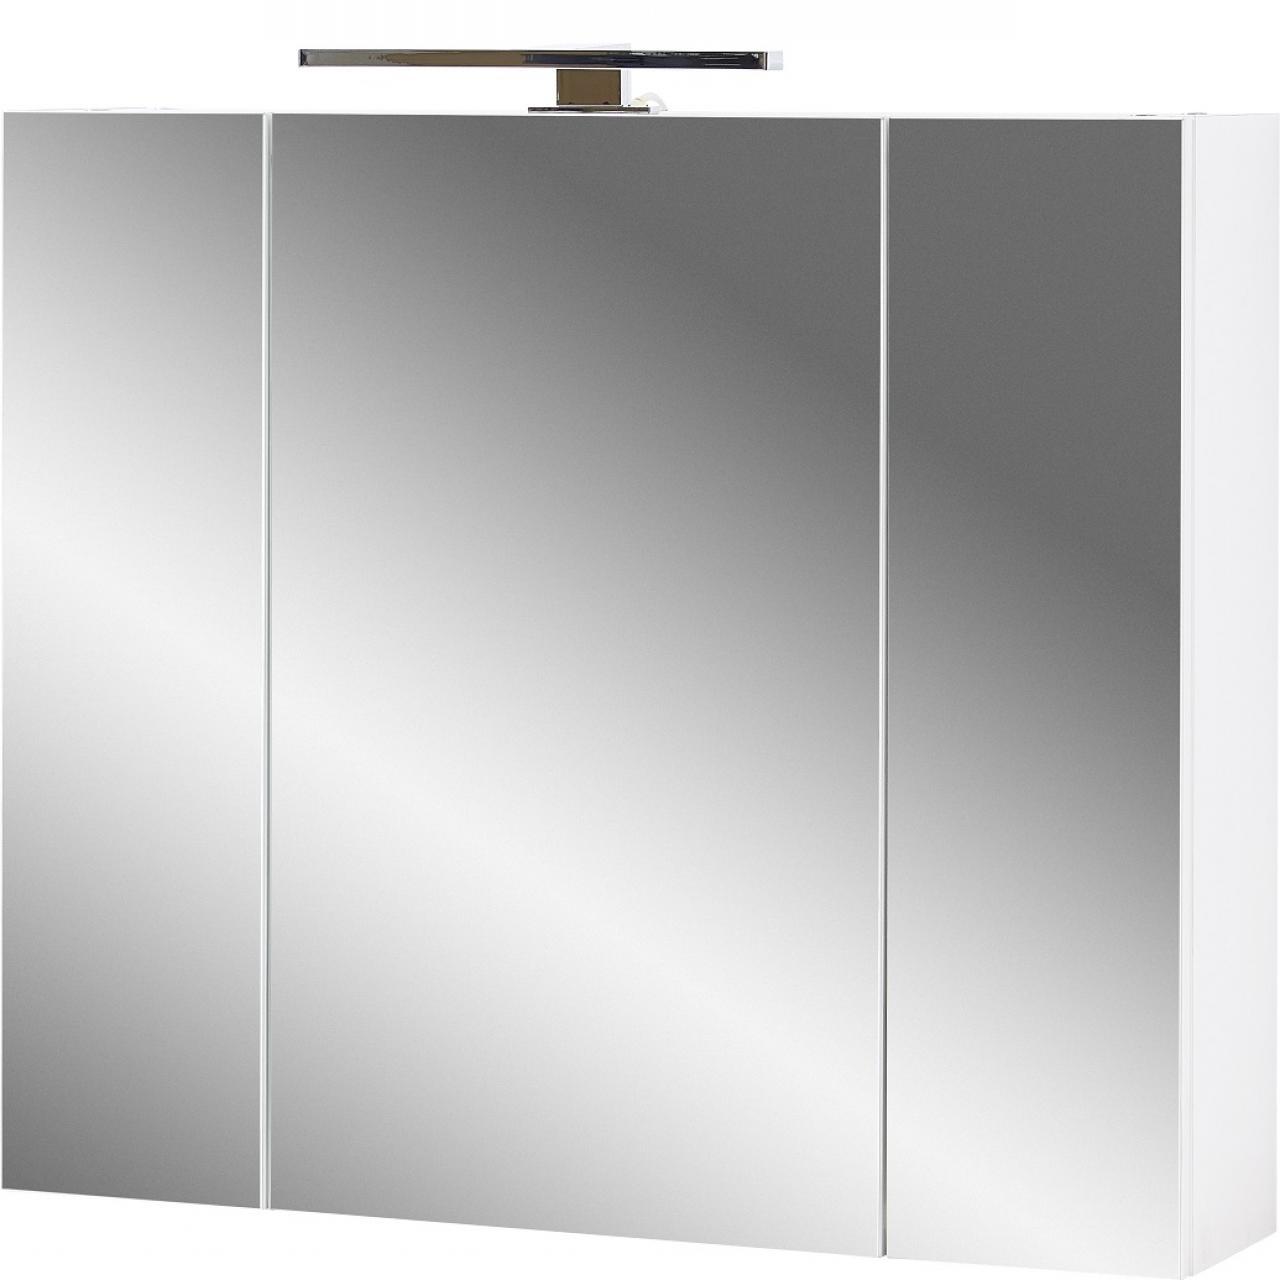 Spiegelschrank Pescara 2754 Badezimmer Badmöbel Gäste-WC Badezimmerschrank